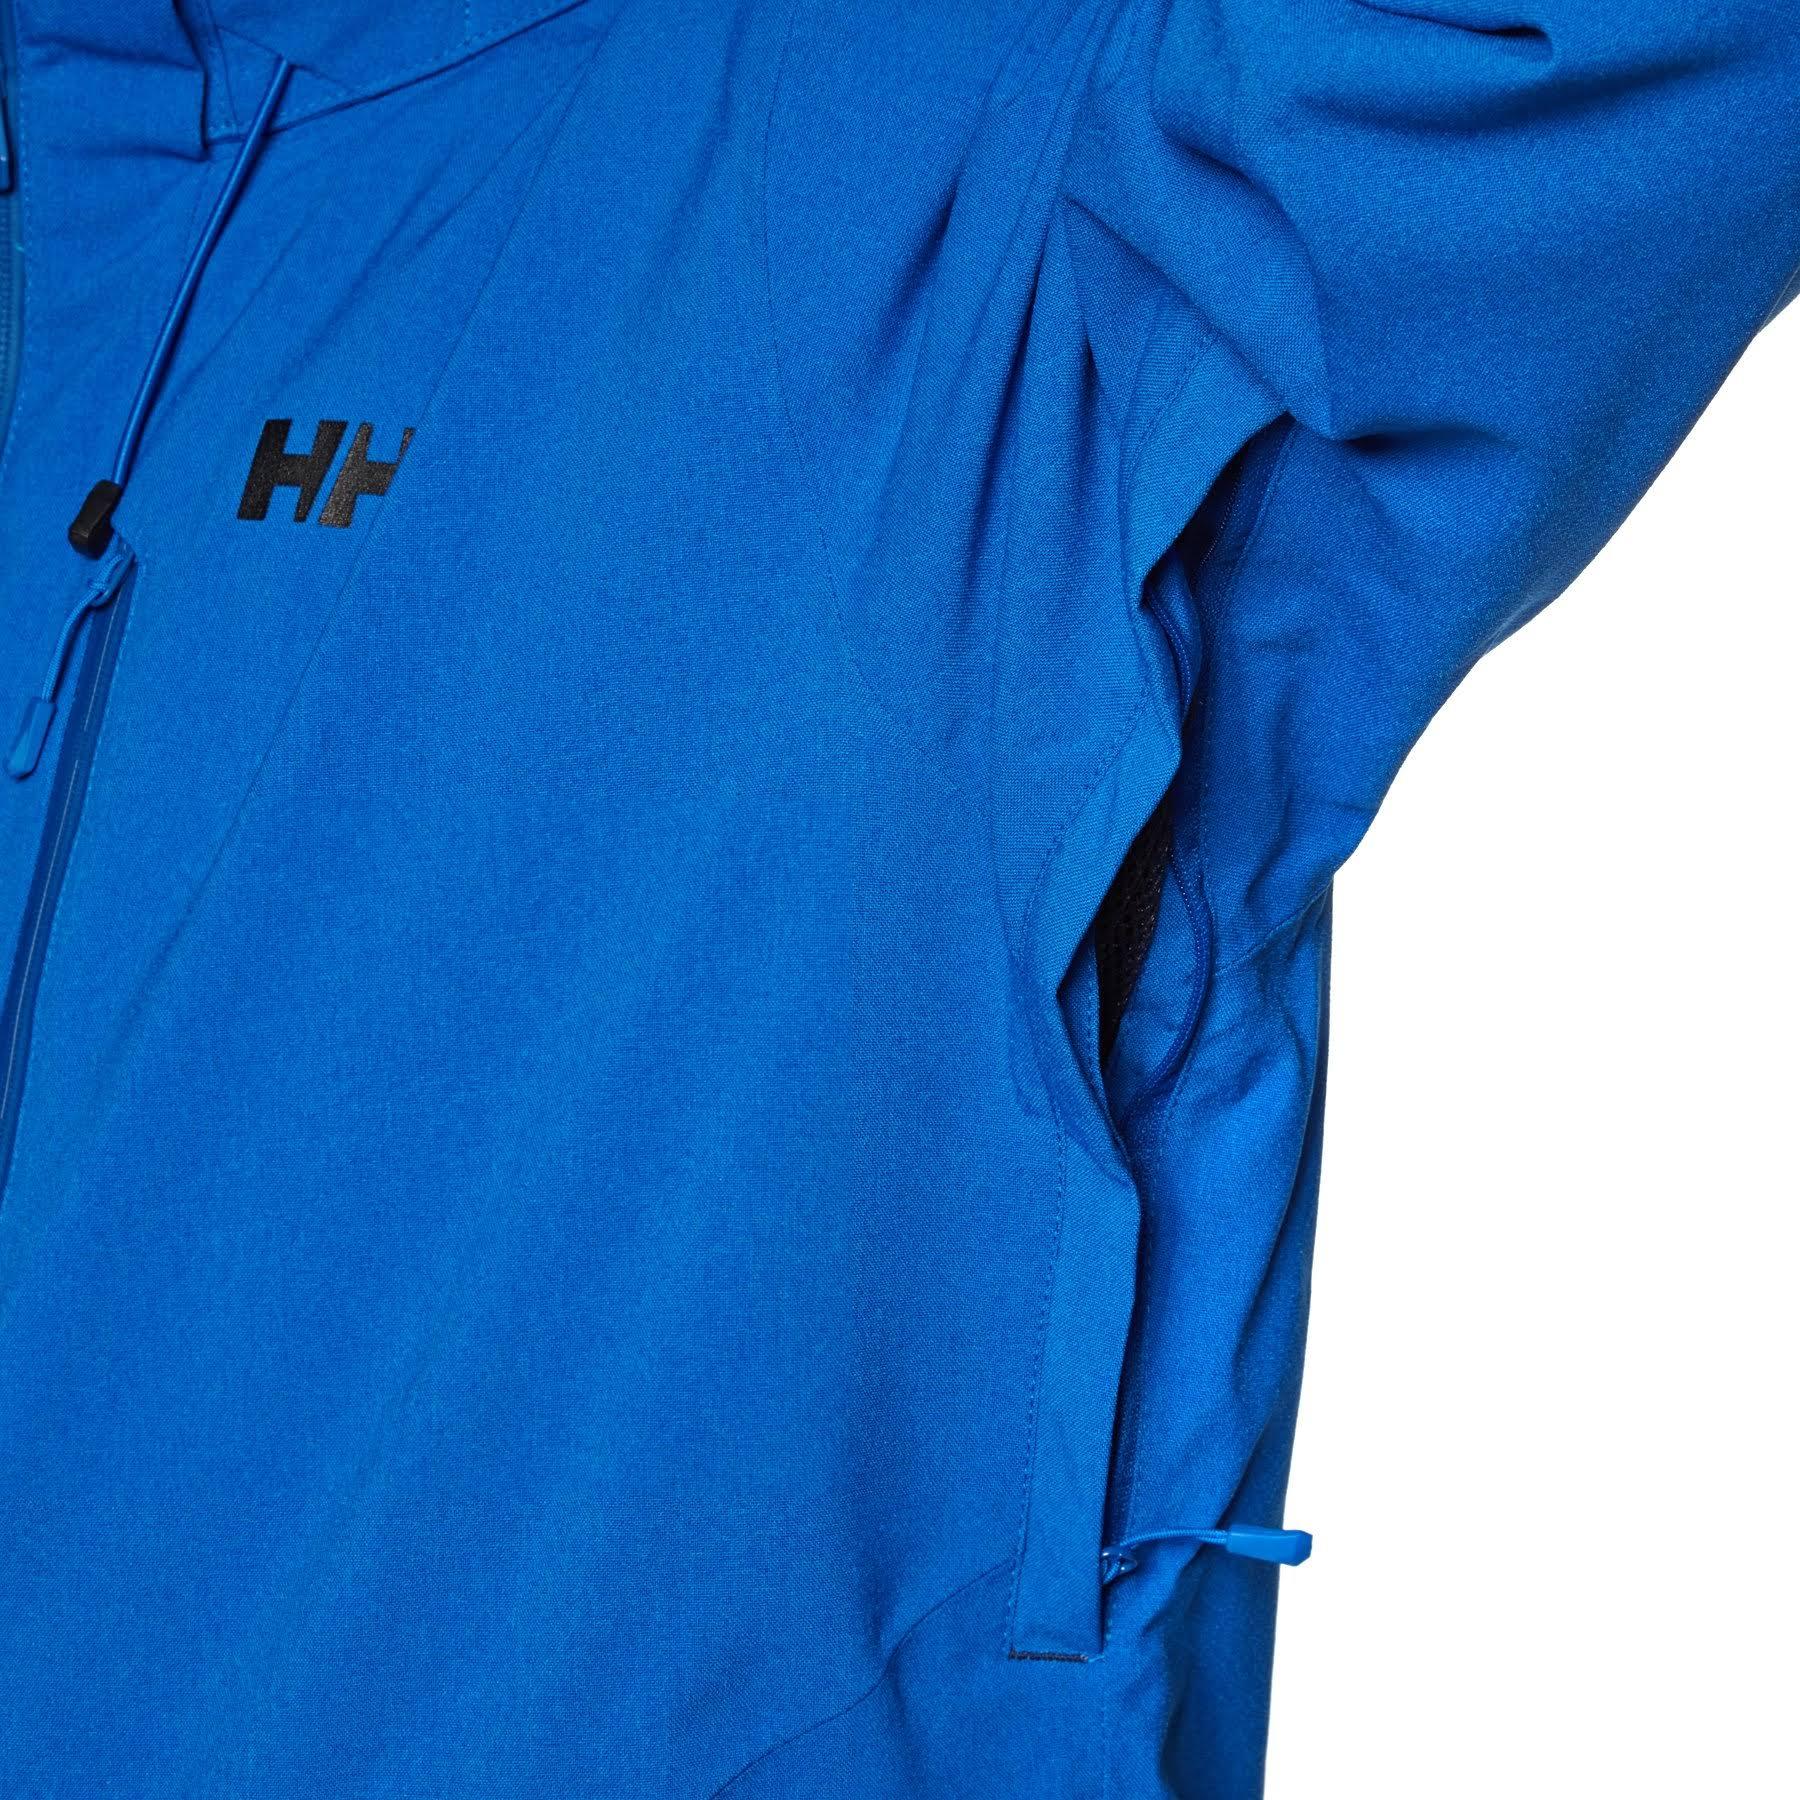 Blau Juniper Hansen 0 3 olympisches Helly Herren Jacket 0O5wHHq